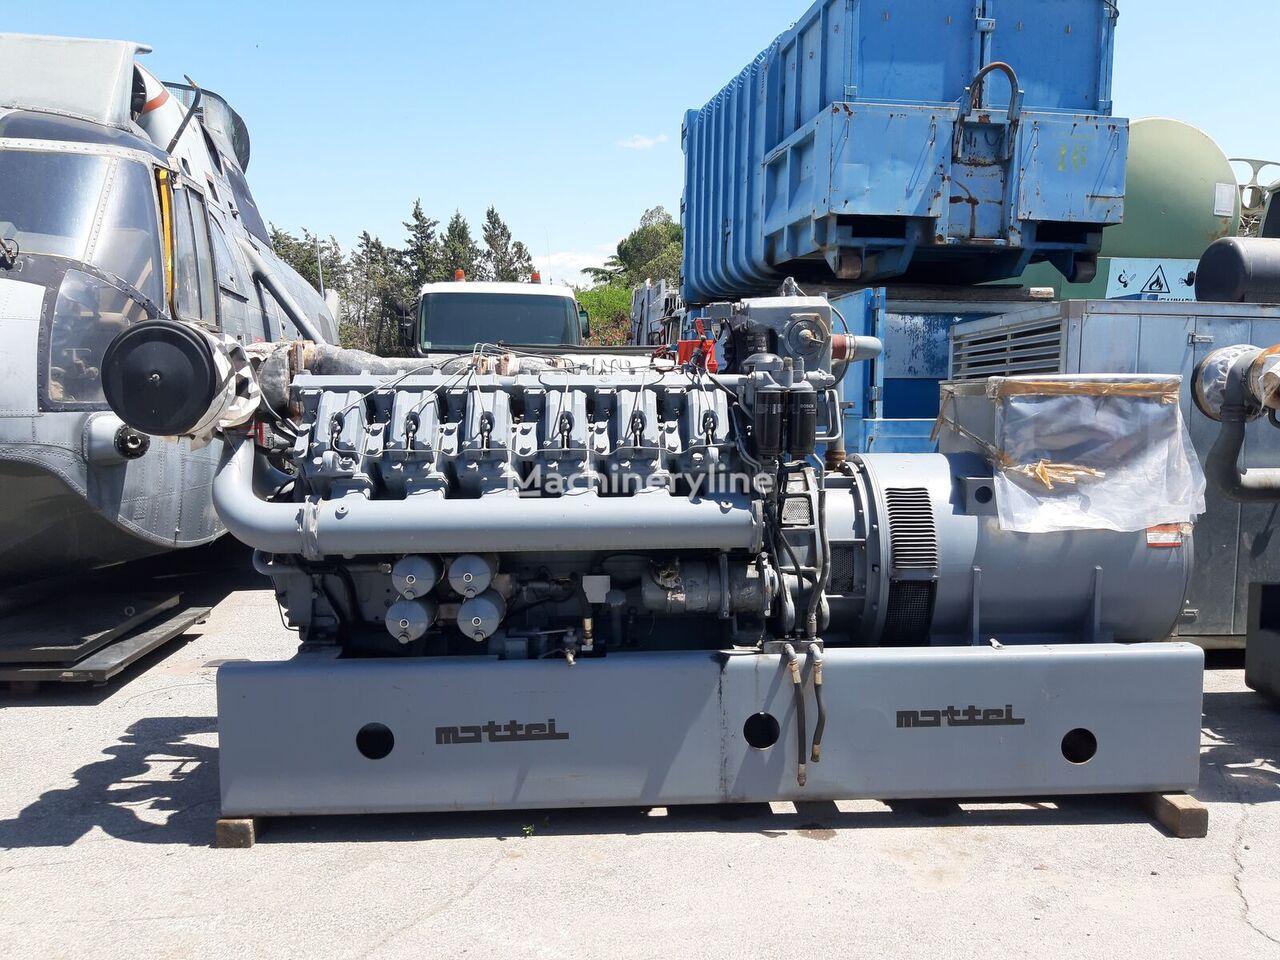 MATTEI IFS 12V 800 otro generador